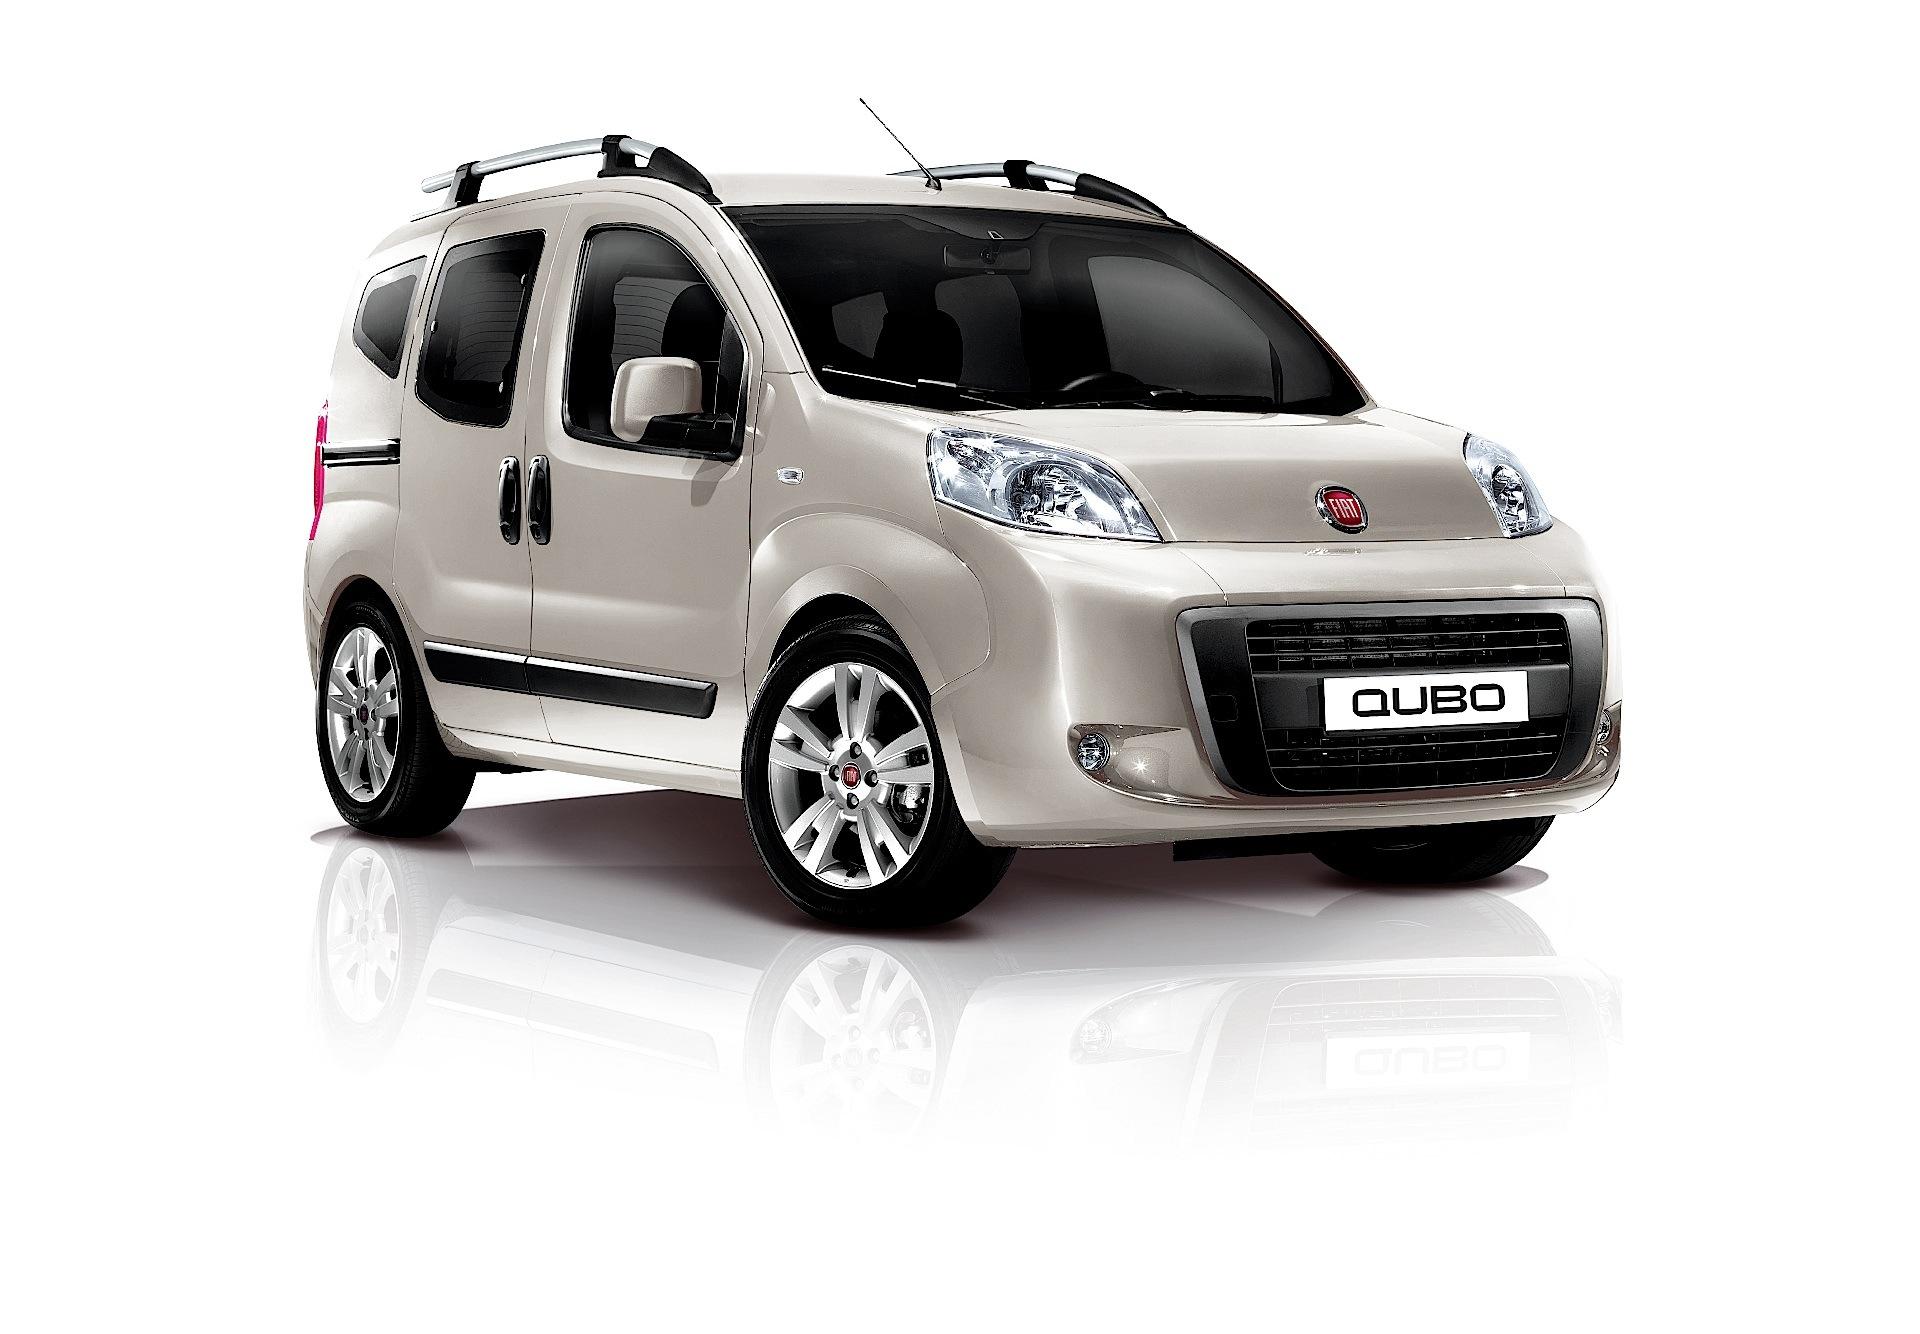 Fiat Qubo : essais, fiabilité, avis, photos, vidéos